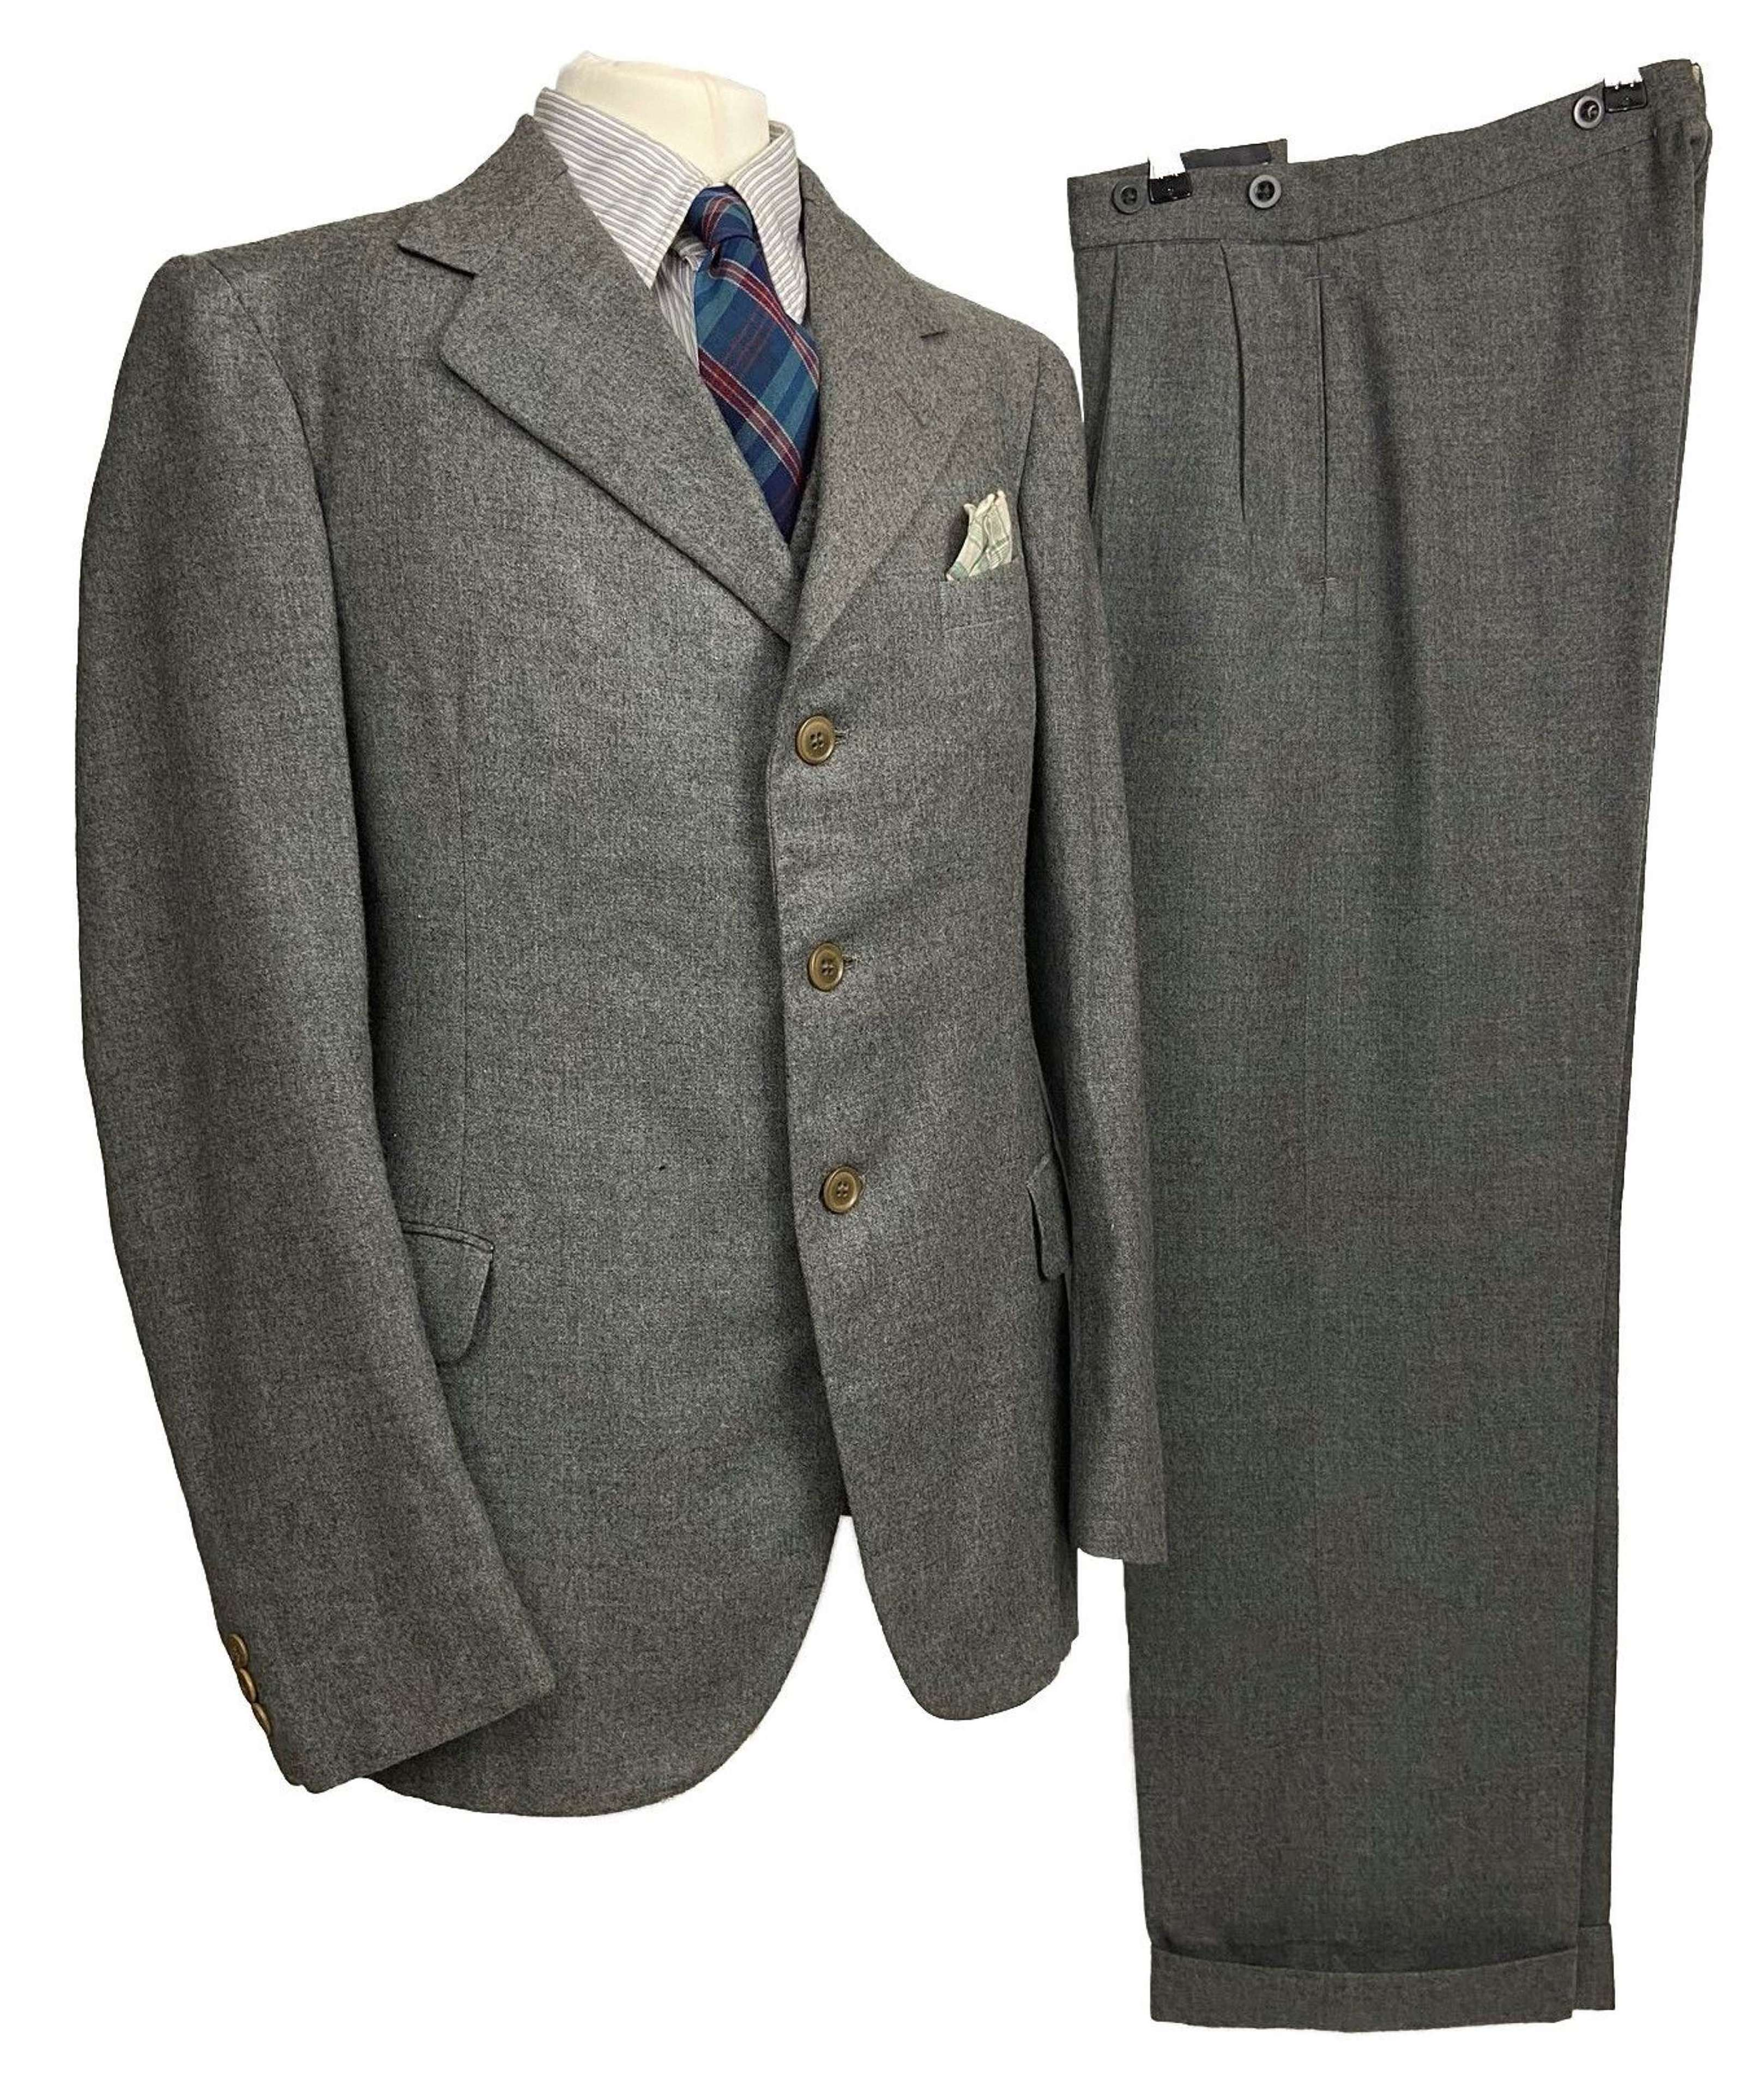 Scarce Original 1945 Dated British Demob Suit - Size 35S